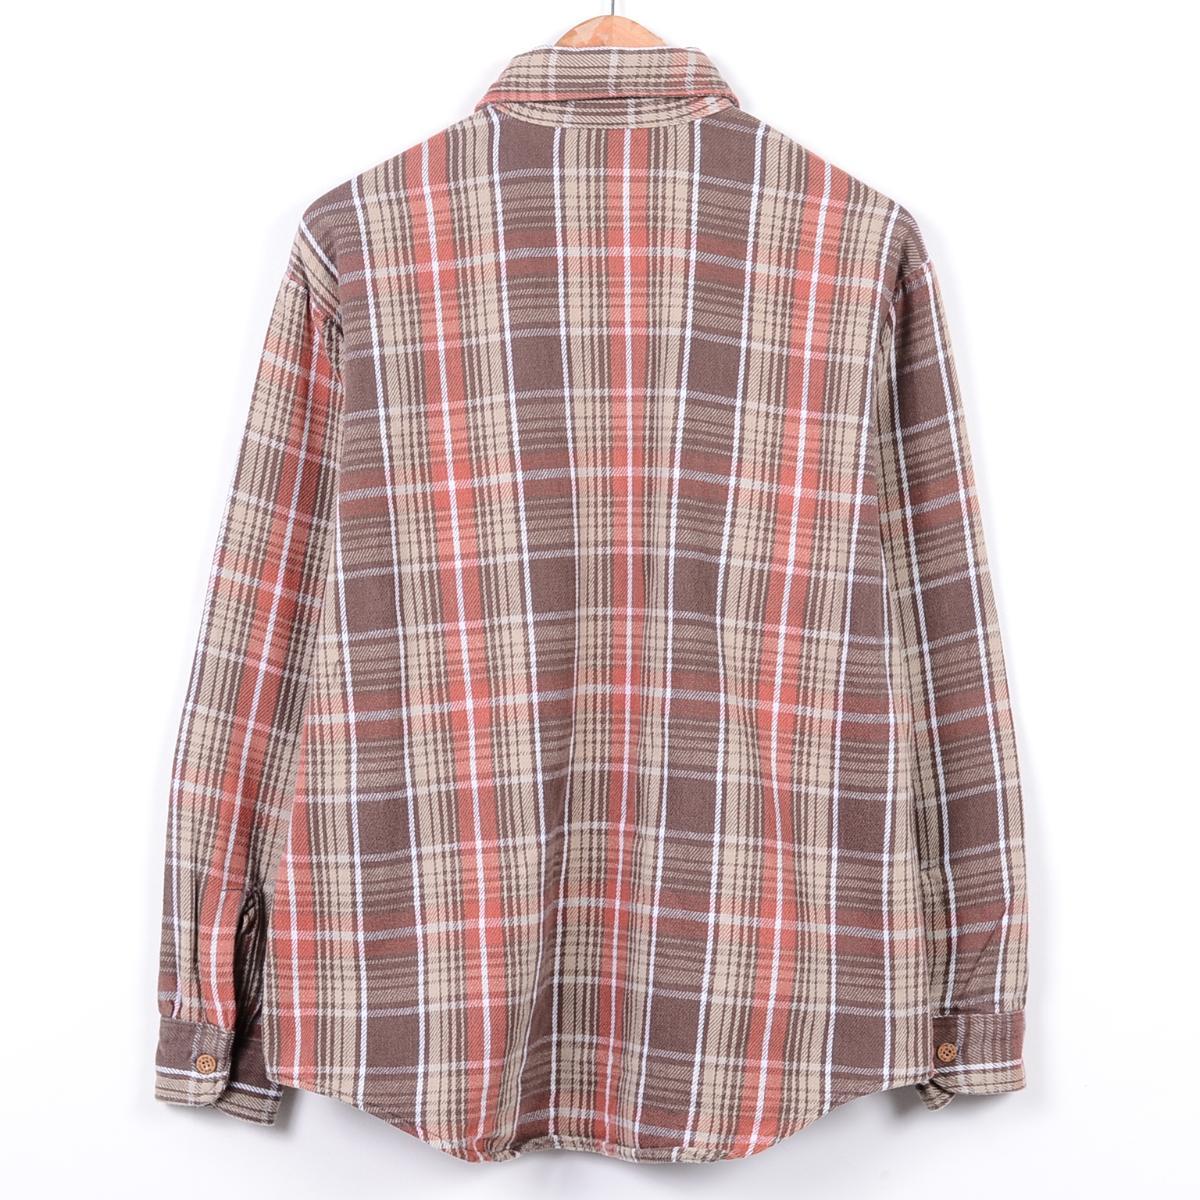 J海便士BIG MAC巨无霸USA制造长袖子重的法兰绒衬衫人L J.C.Penney/wei8935 150826